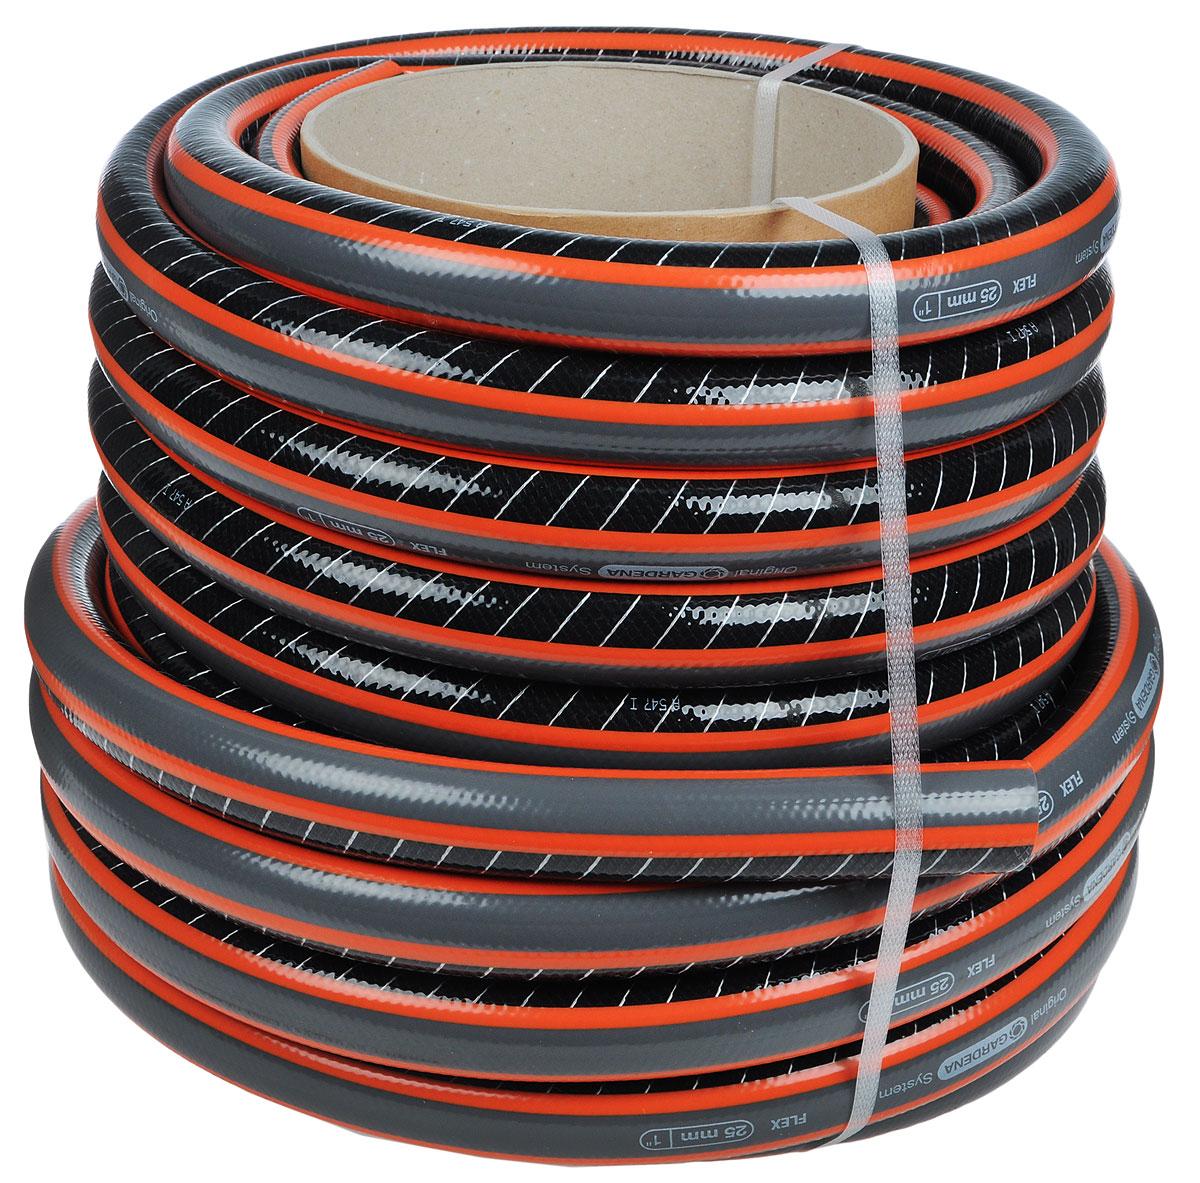 Шланг Gardena Flex, диаметр 25 мм, длина 25 м011H1800Шланг Gardena Flex c ребристым профилем Power Grip для идеального соединения с коннектором базовой системы полива. Благодаря спиралевидному текстильному армированию, усиленному углеродными волокнами, шланг стал устойчивее к высокому давлению и сохранению формы. Шланг не содержит фталаты и тяжелые металлы и невосприимчив к УФ-излучению. Толстые стенки шланга обеспечивают длительный срок службы и безопасность использования.Длина шланга: 25 м.Диаметр шланга: 25 мм.Давление разрыва: 25 бар.